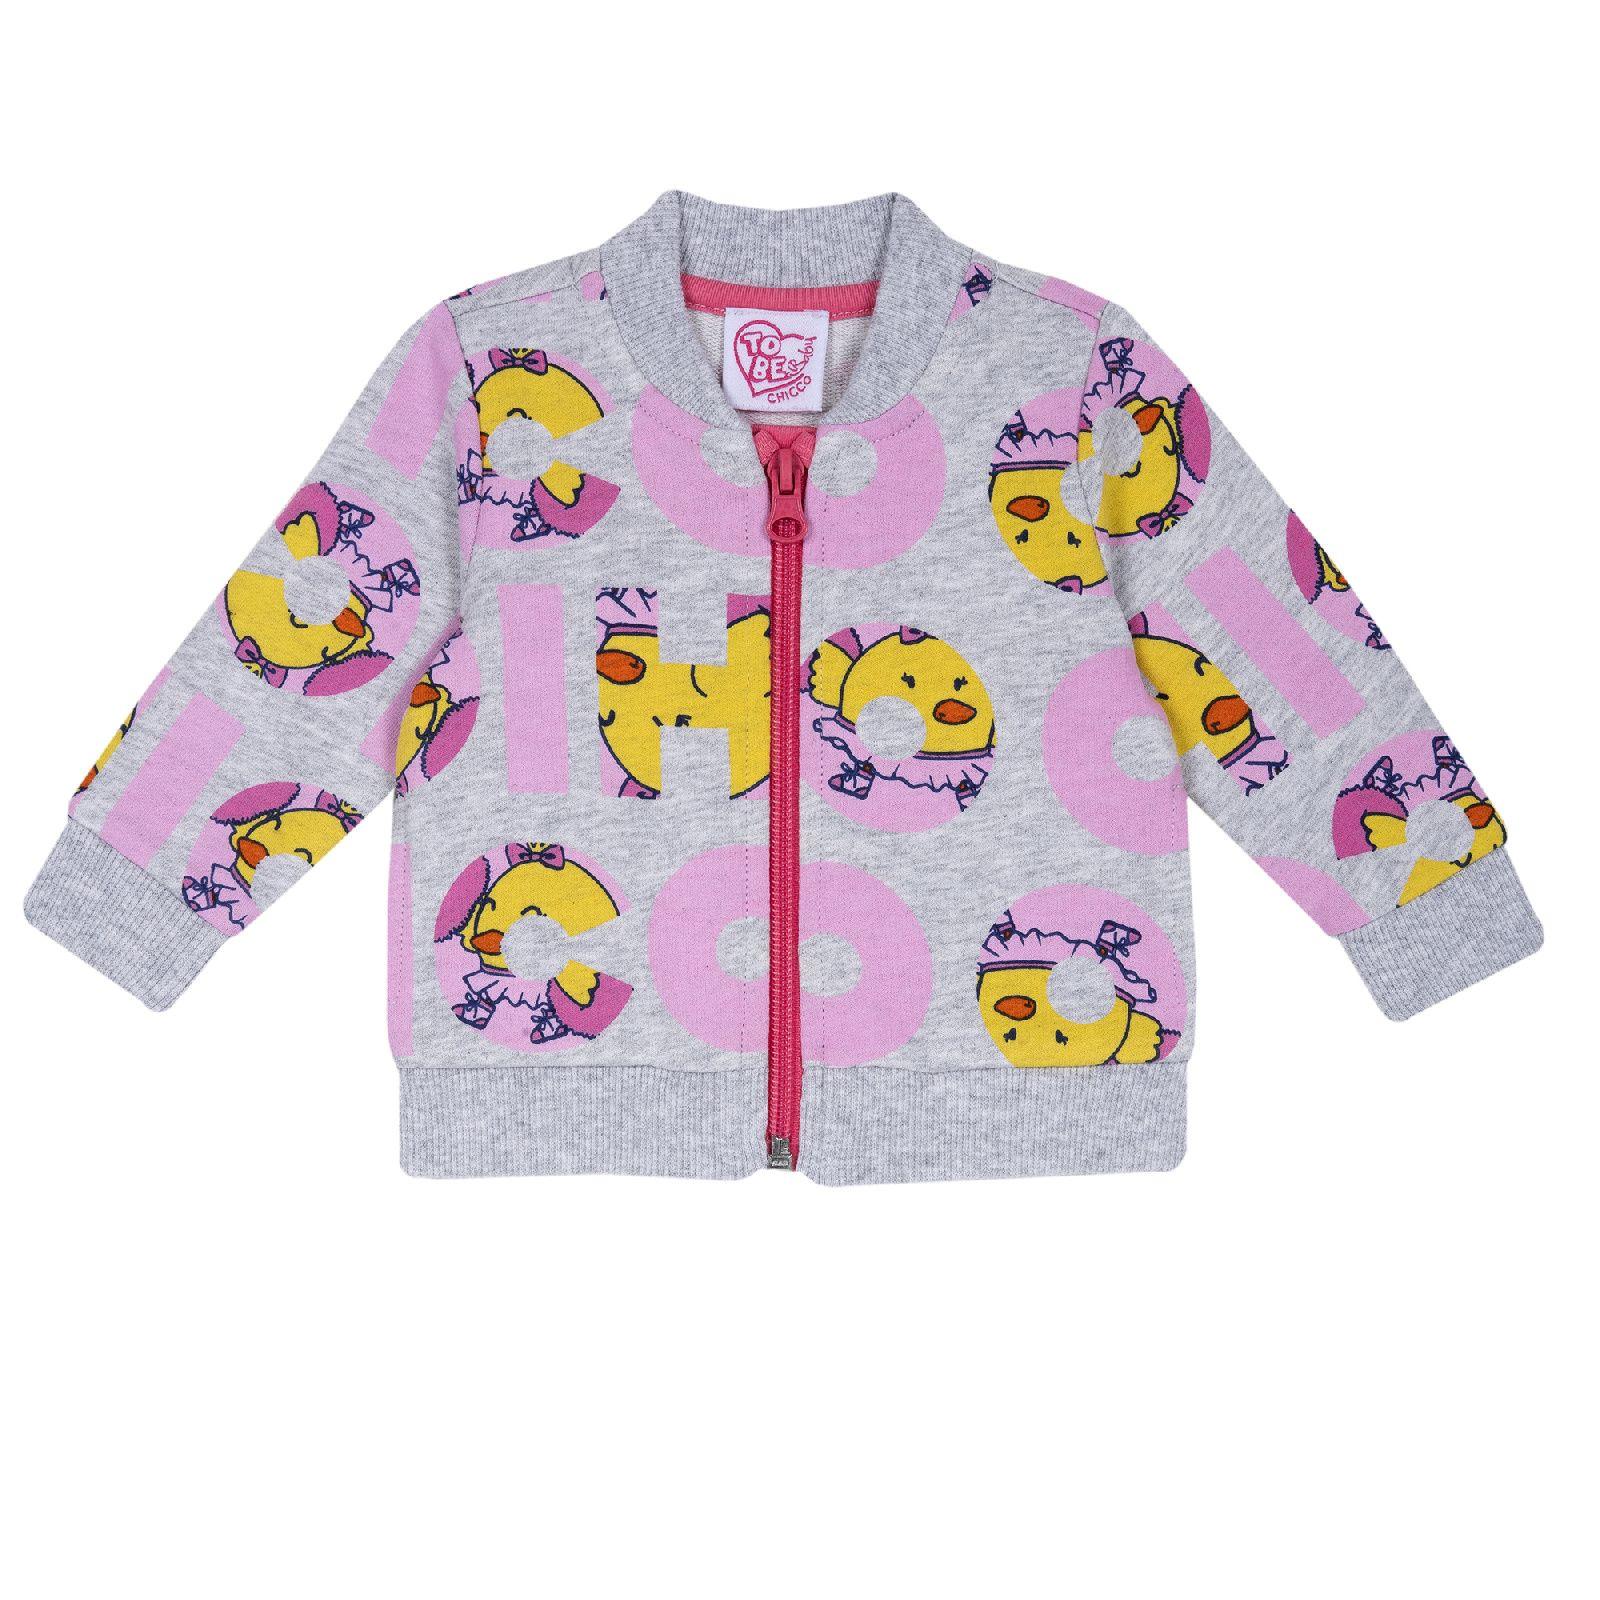 Купить 9009406, Толстовка для девочек Chicco на молнии, цвет серый, размер 92, Кофточки, футболки для новорожденных